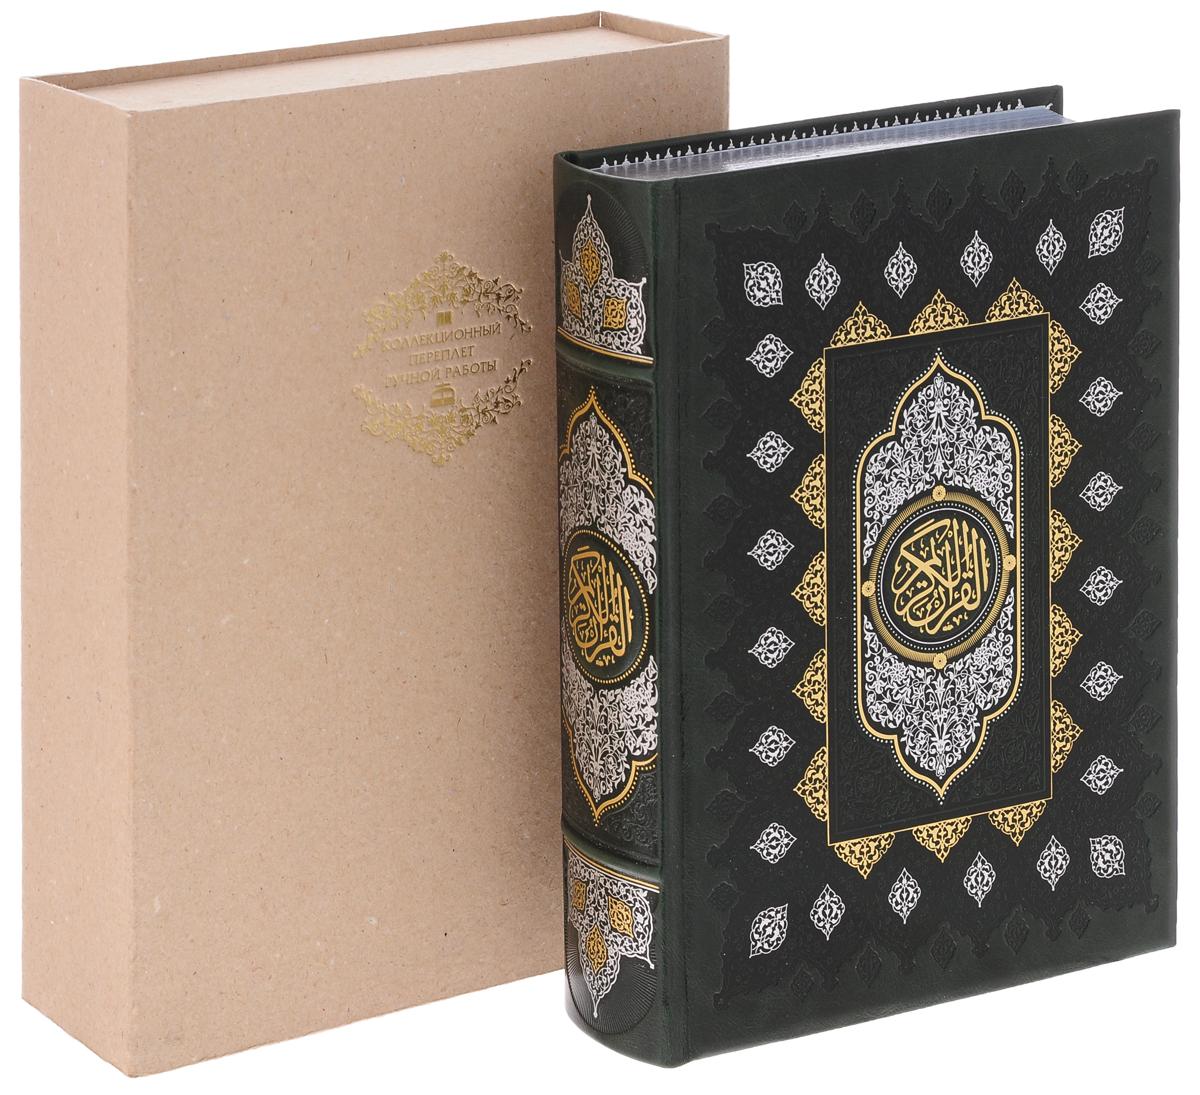 Коран. Перевод смыслов и комментарии (подарочное издание) священный коран смыслы на таджикском языке том 1